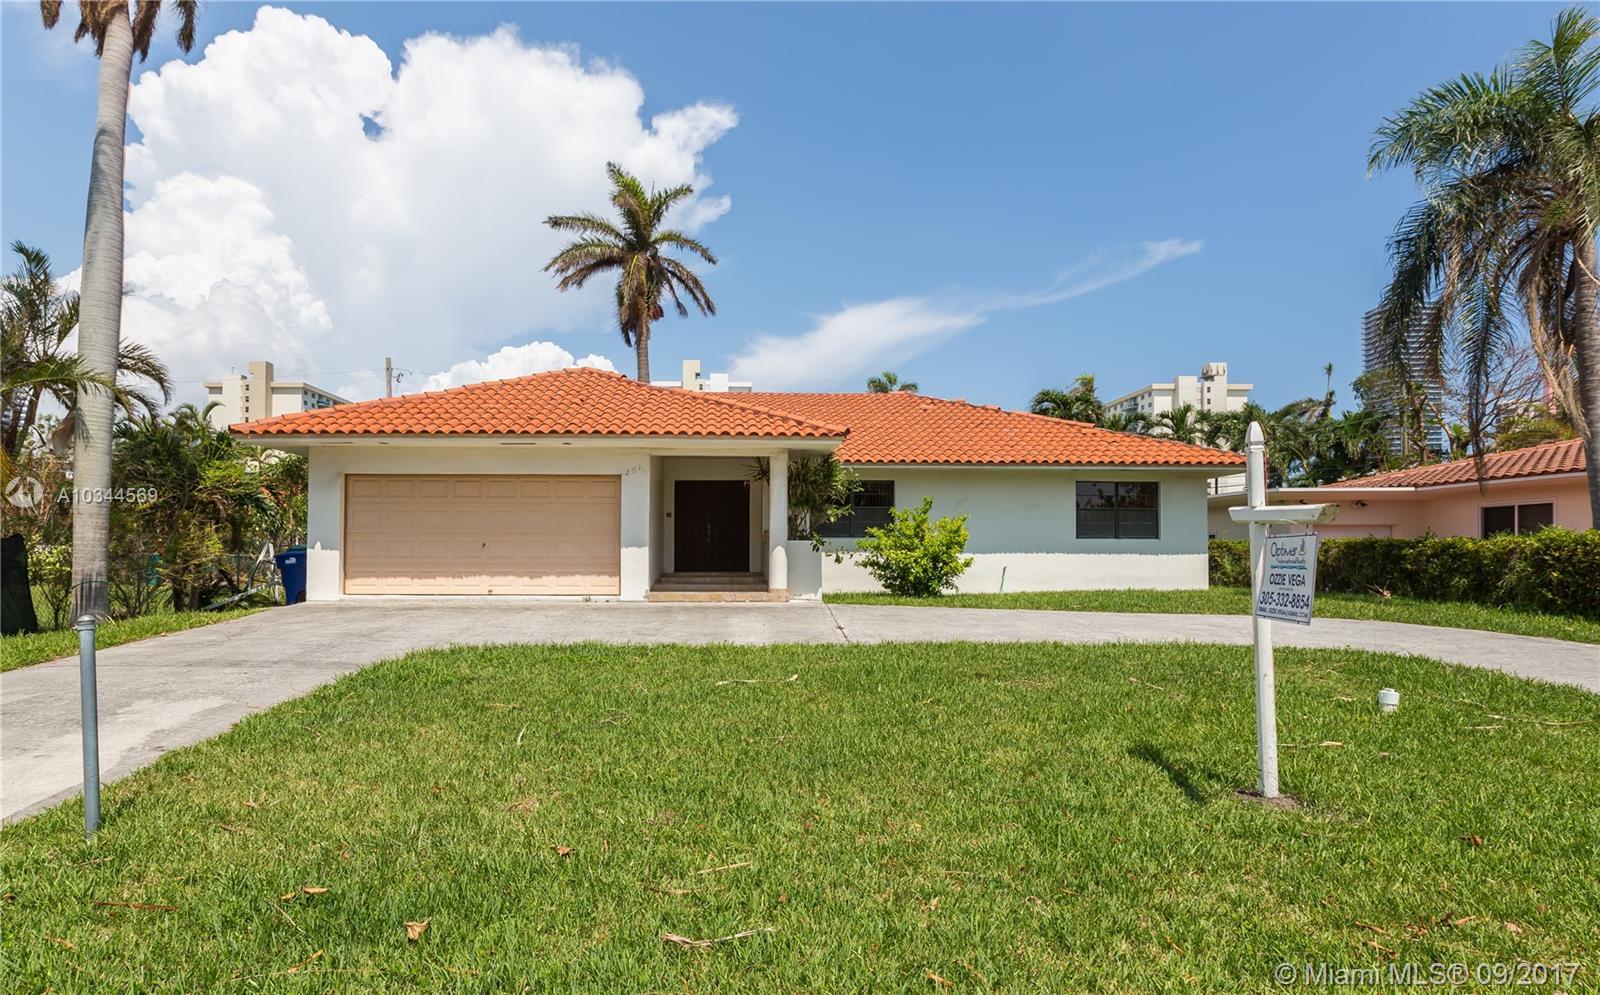 261 191st St, Sunny Isles Beach, Florida